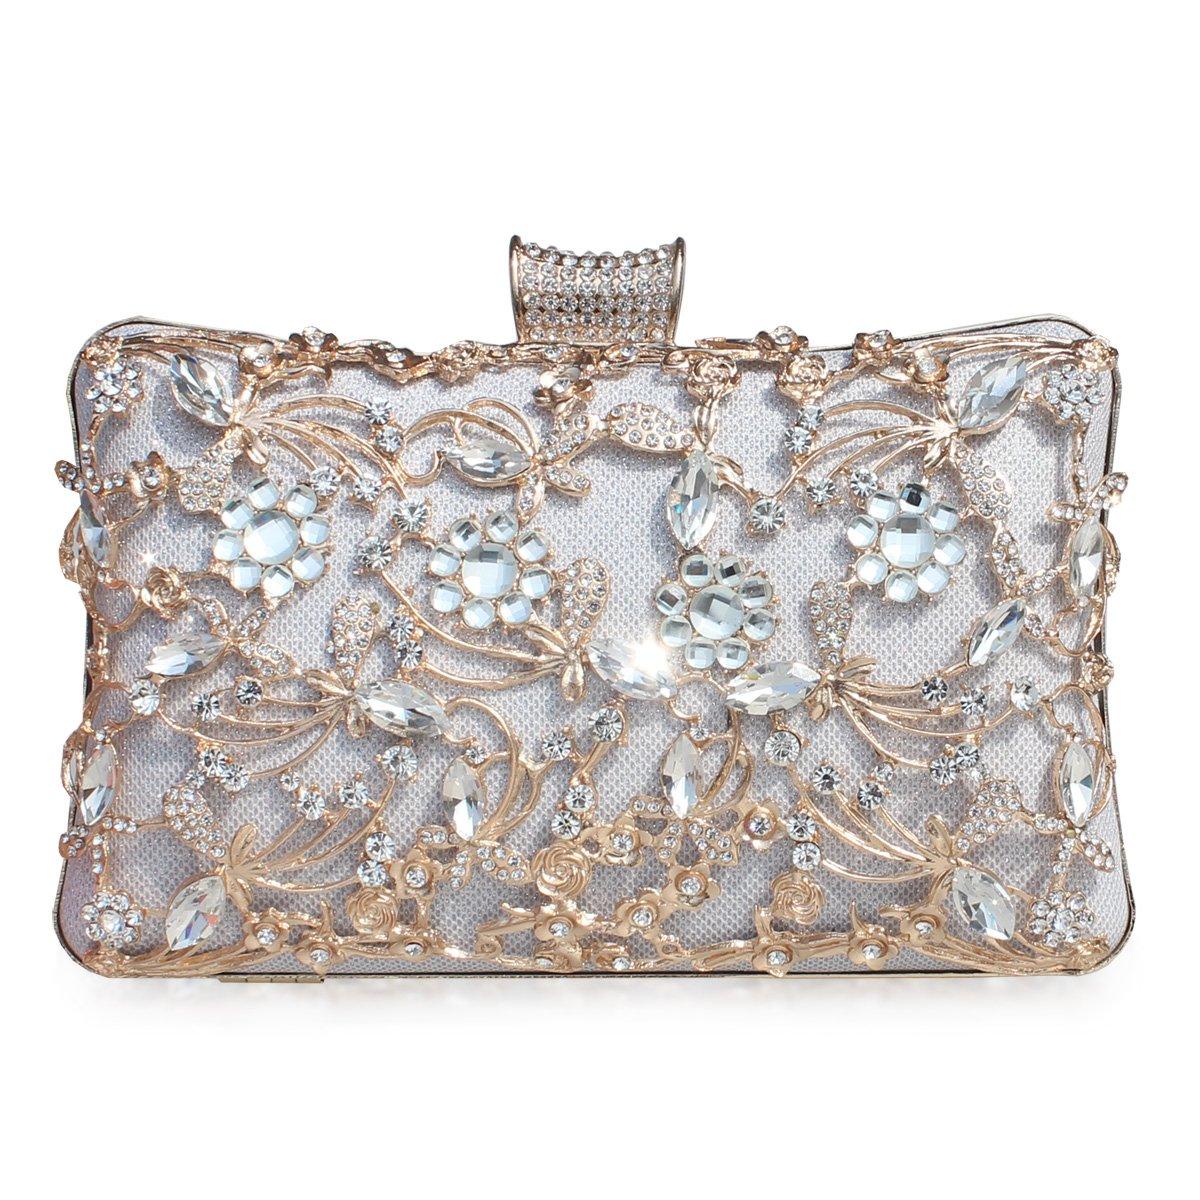 GESU Large Womens Crystal Evening Clutch Bag Wedding Purse Bridal Prom Handbag Party Bag.(Silver-1)